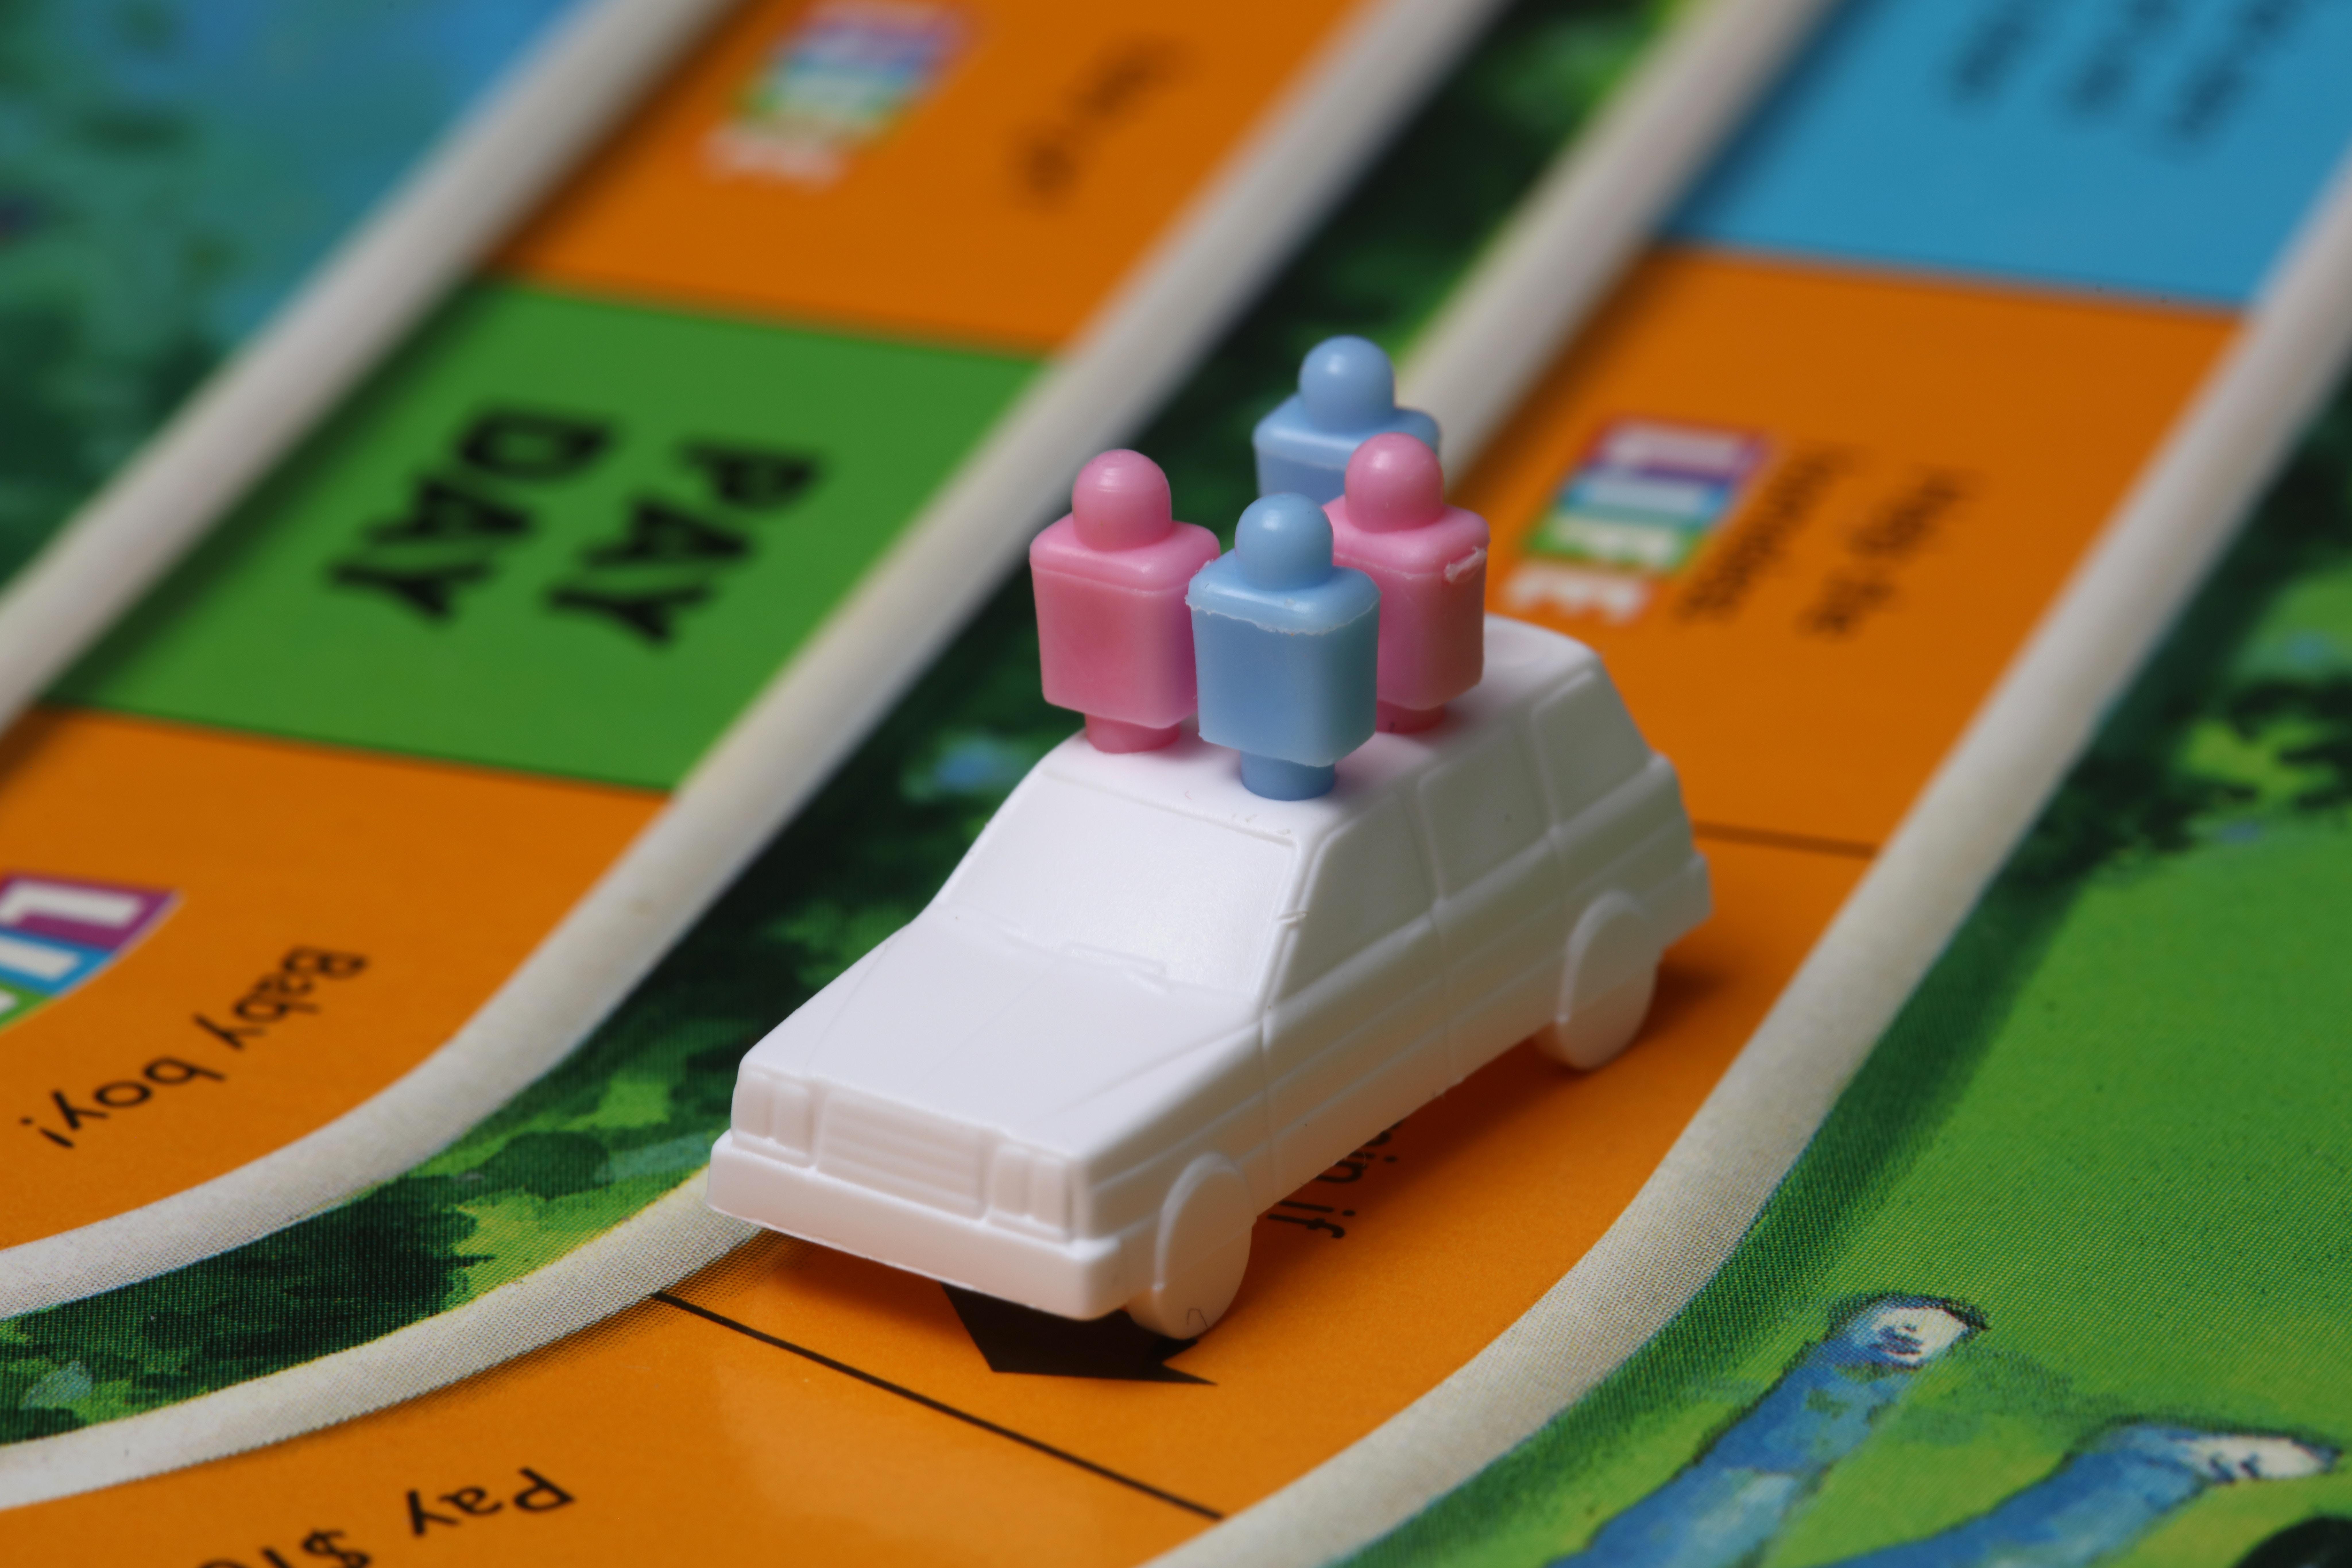 De rosa ou azul, petistas brincam de SimCity, já que não há trabalho para fazer. Foto: Randy Fath/Unsplash